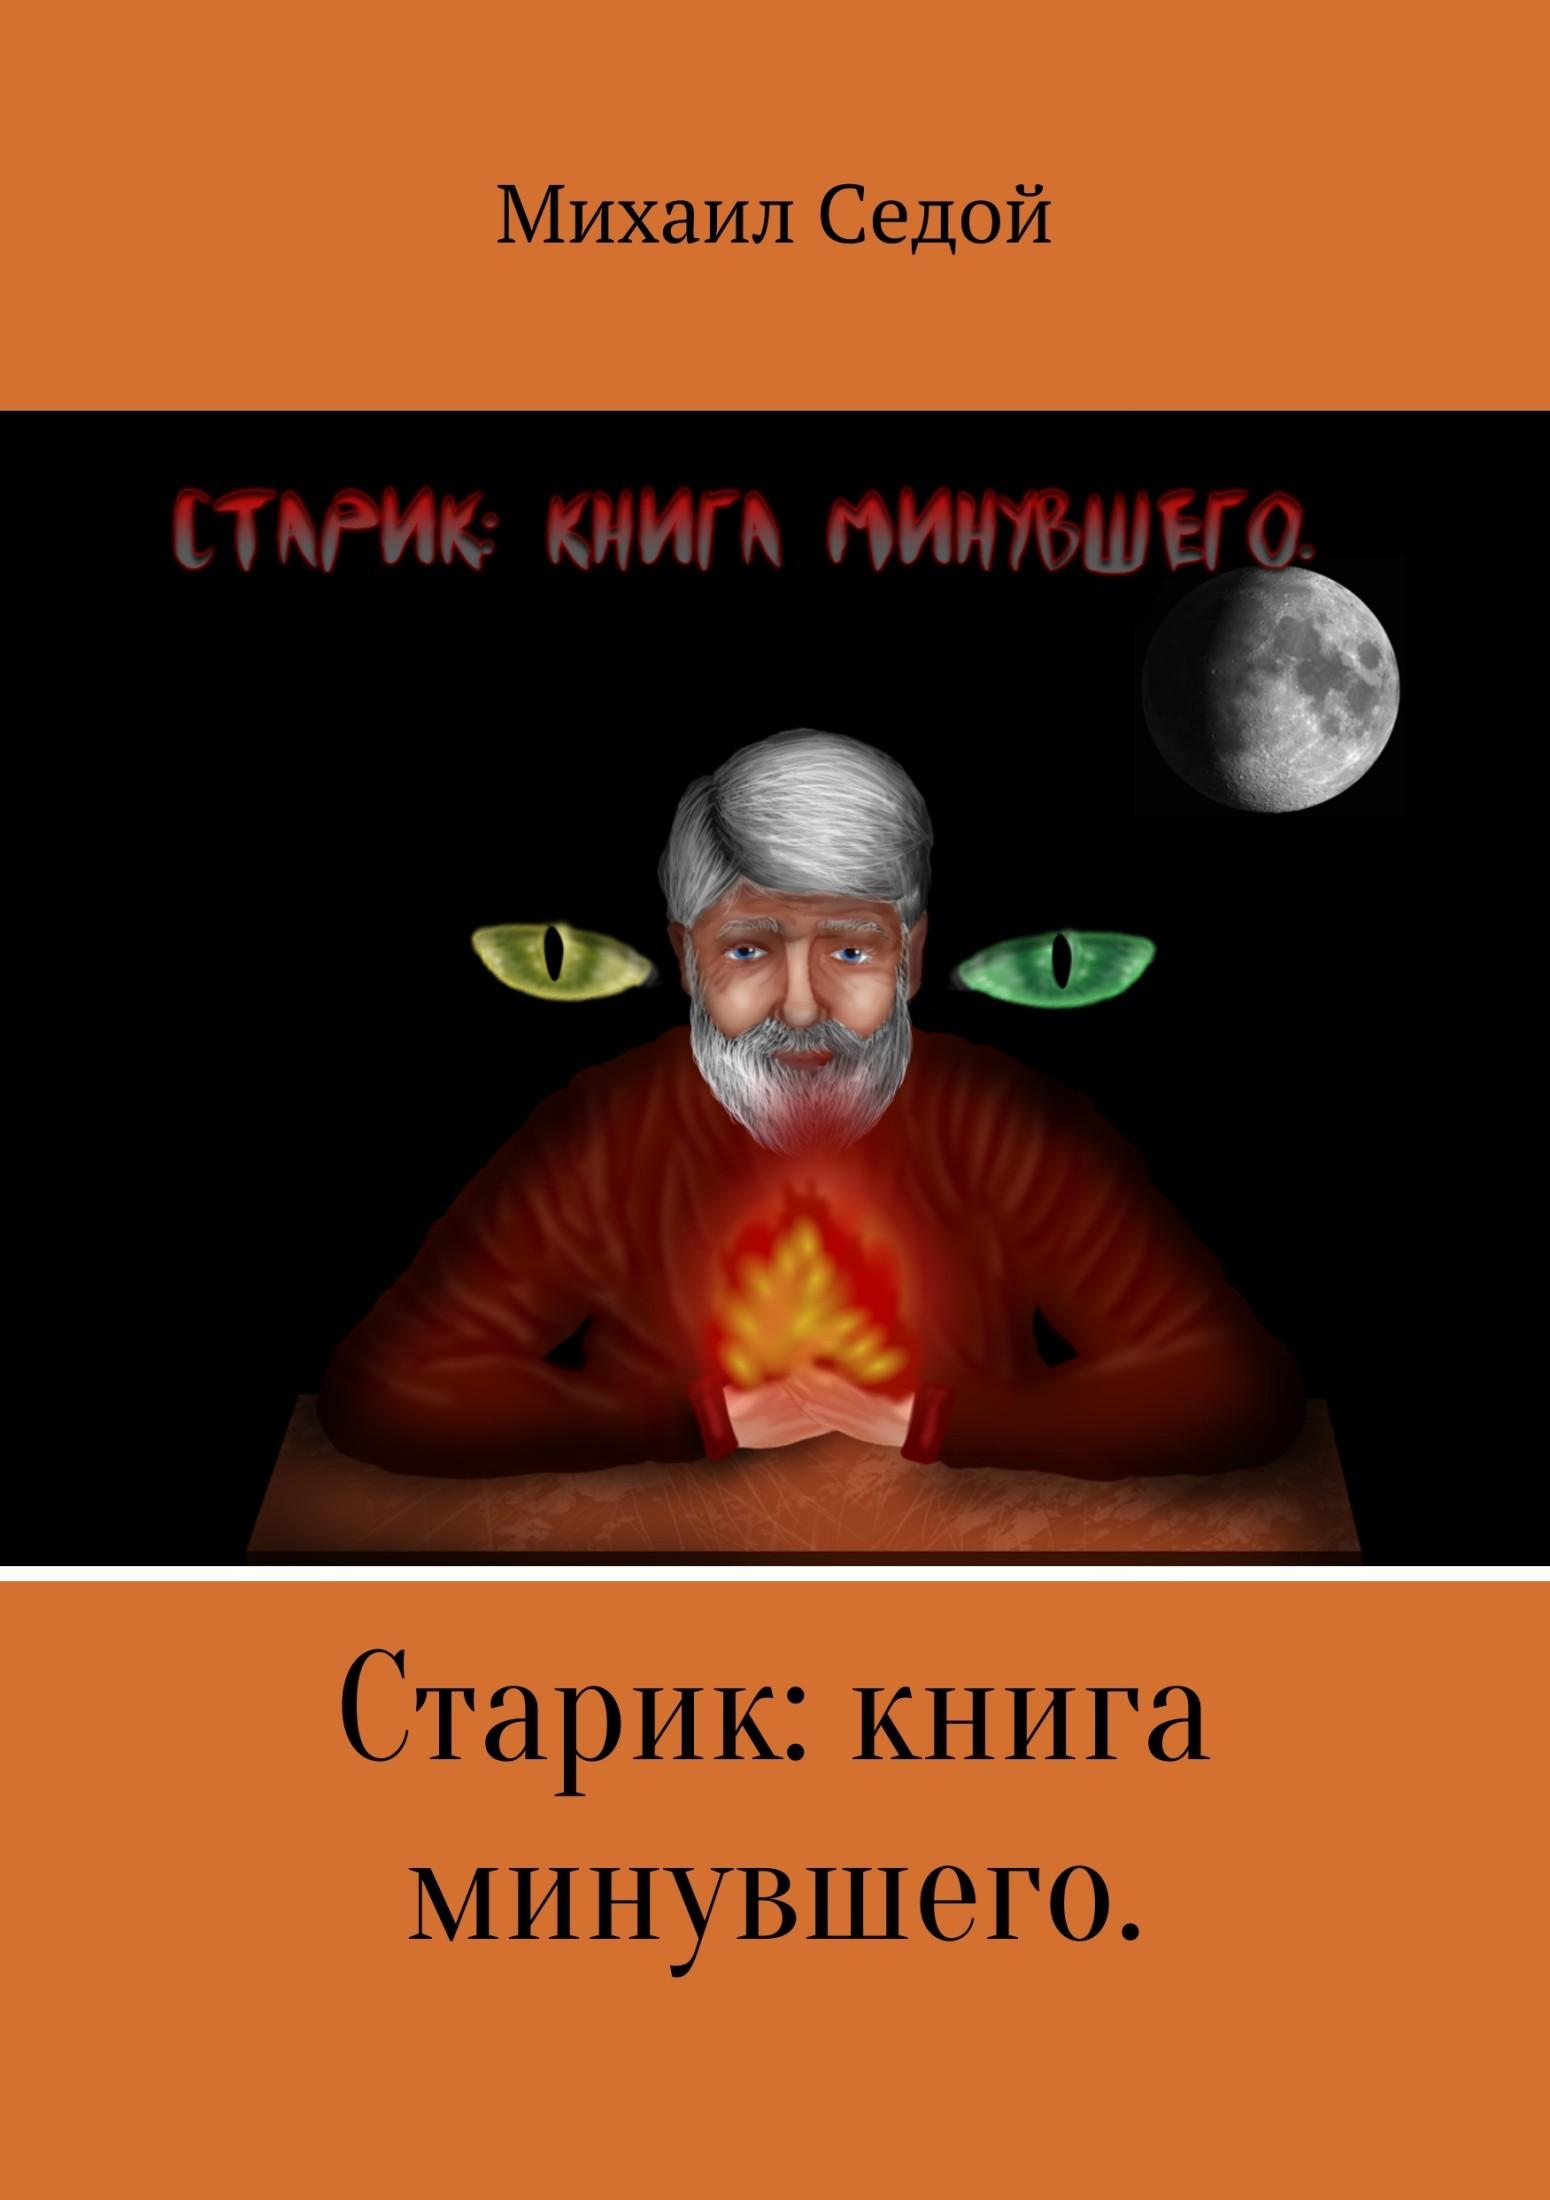 Старик: книга минувшего